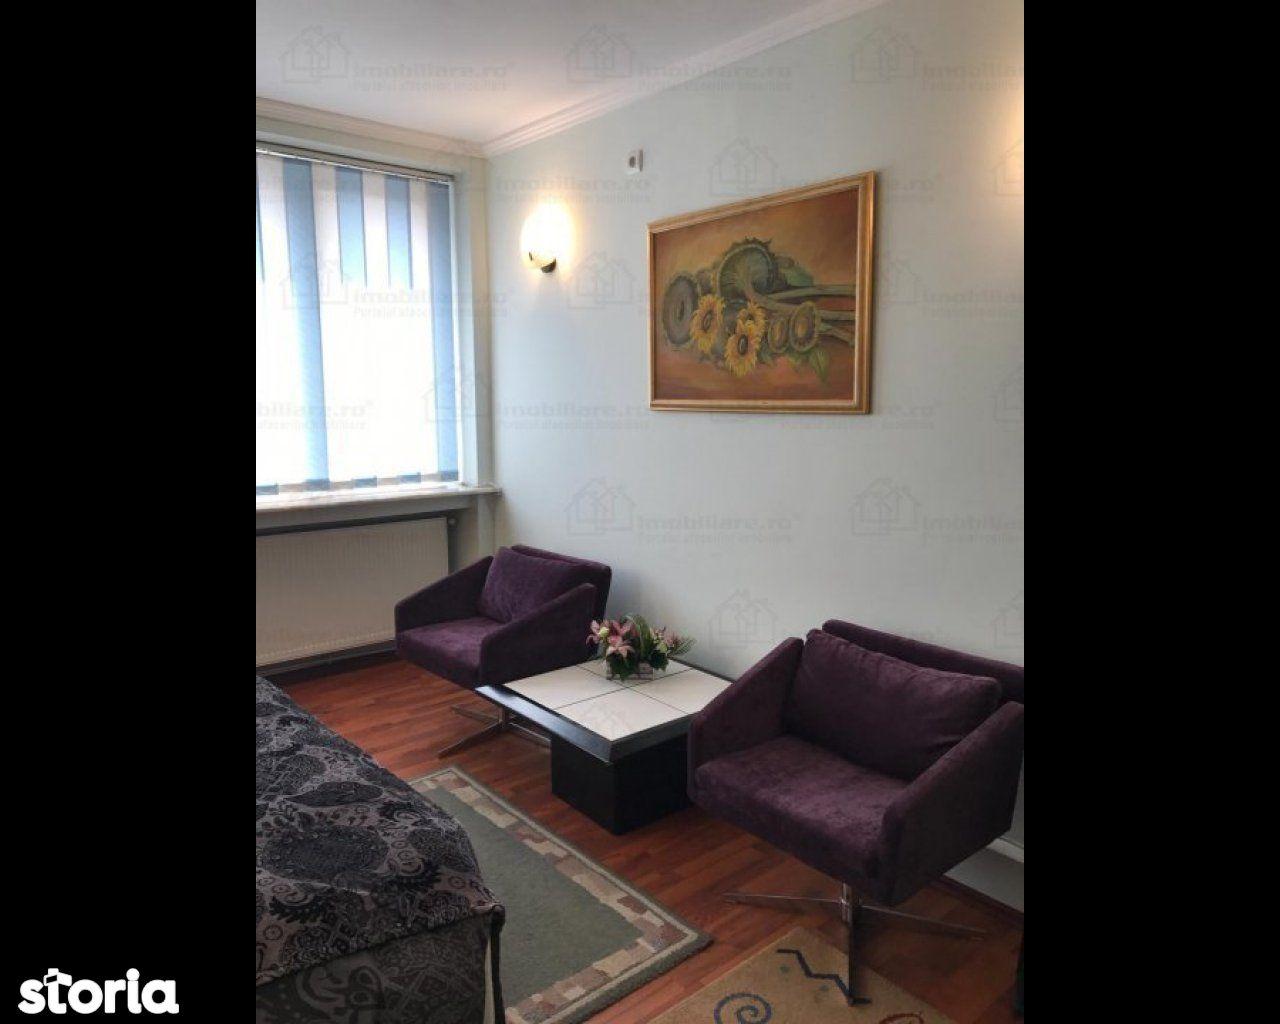 Apartament de vanzare, București (judet), Piața 21 Decembrie 1989 - Foto 4